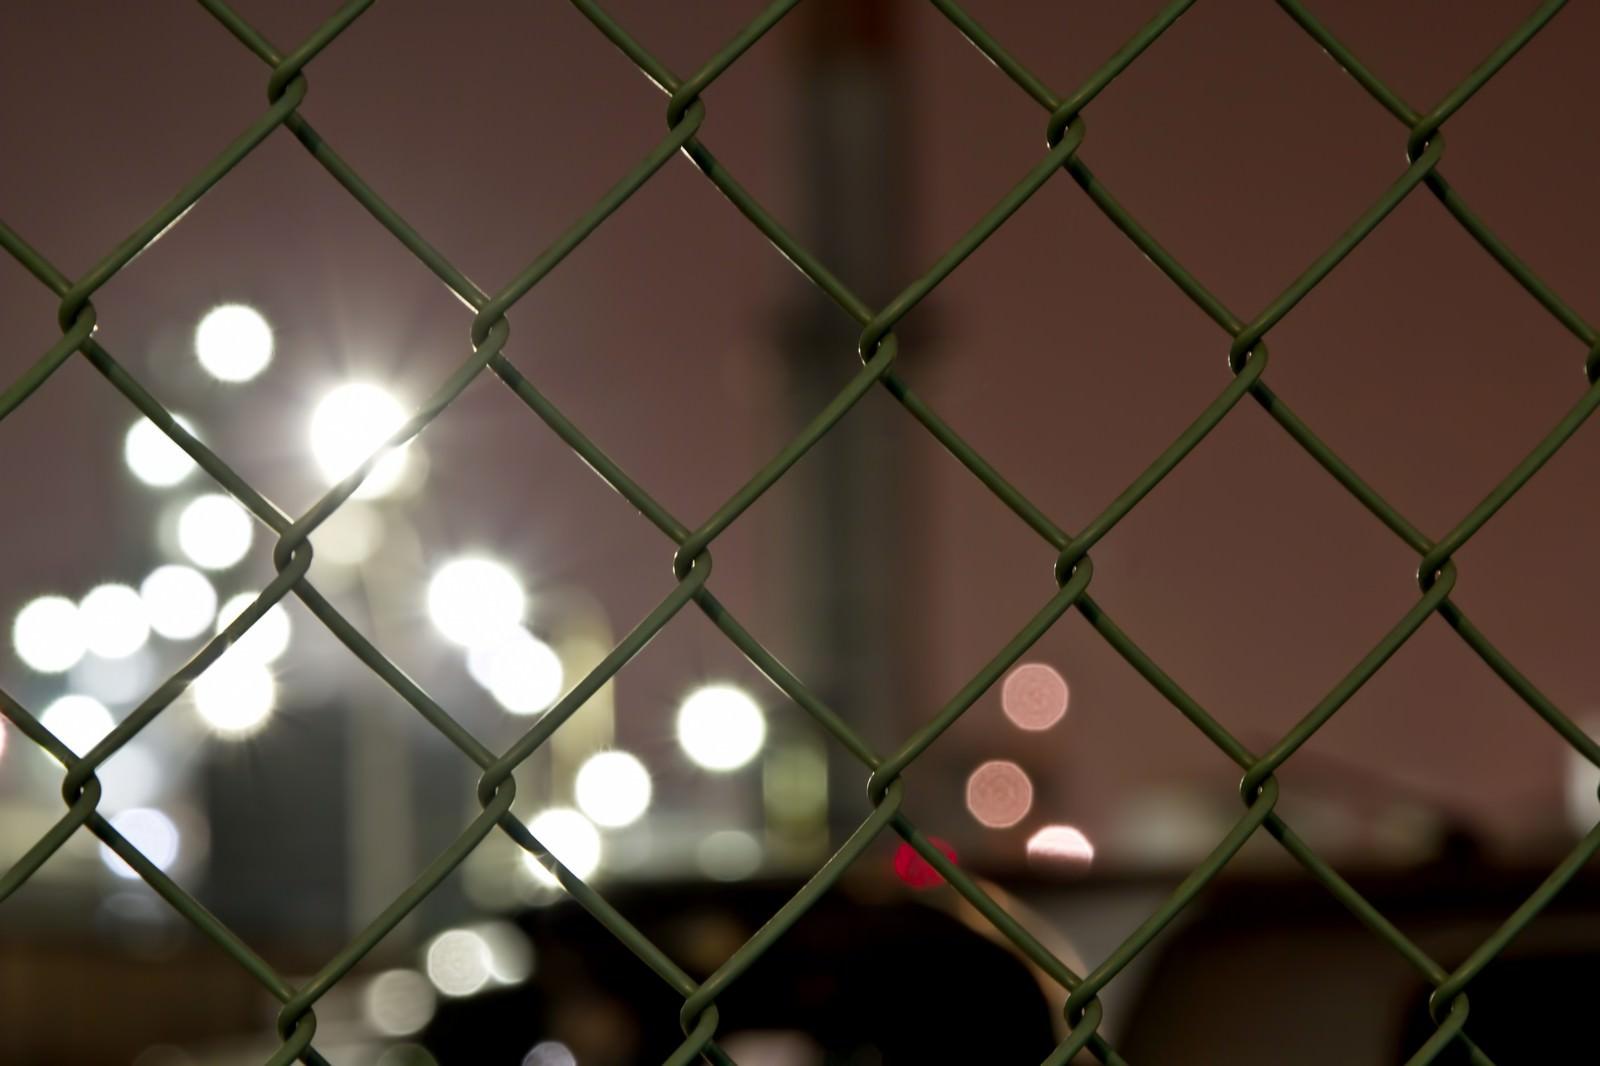 「金網とボケる光」の写真